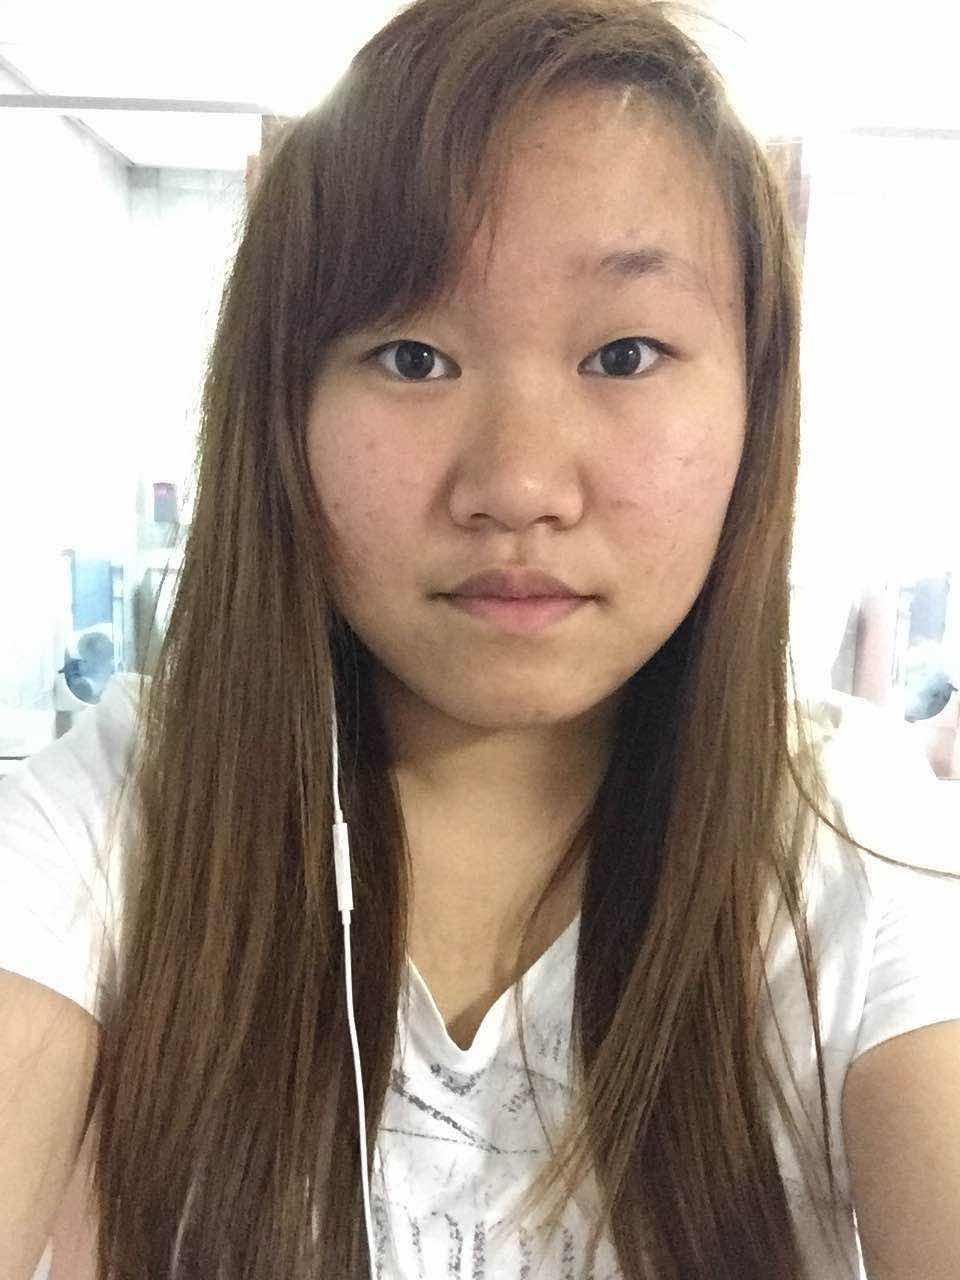 面部吸脂有哪些后遗症,可不可以做,脸肥,皮肤也不好